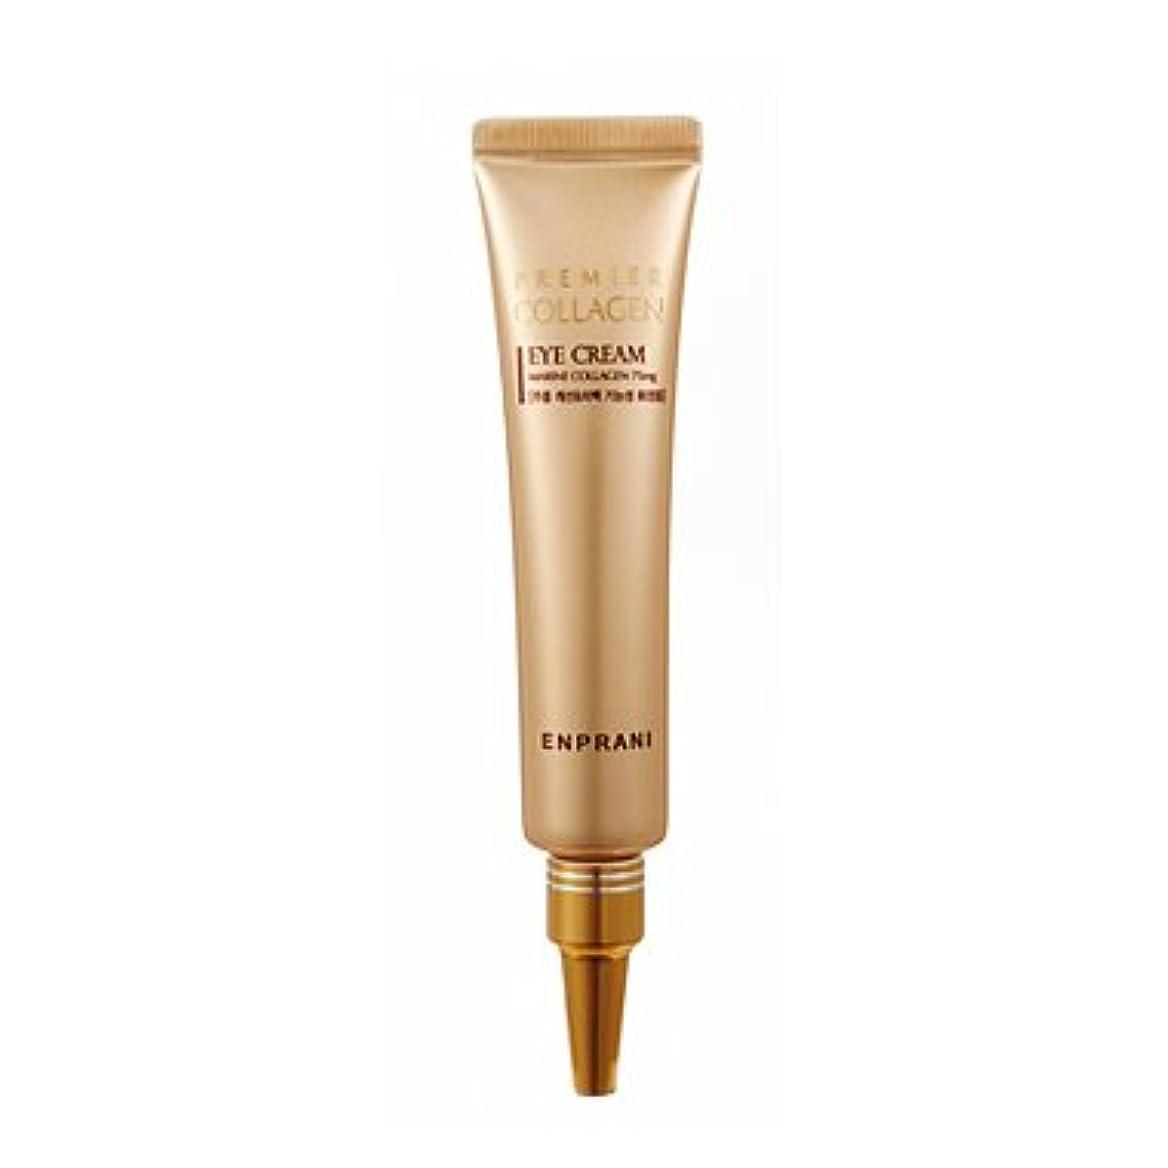 エンプラニ [韓国コスメENPRANI] Enprani Premier Collagen Eye Cream プレミアコラーゲンアイクリーム(正品?海外直送品)